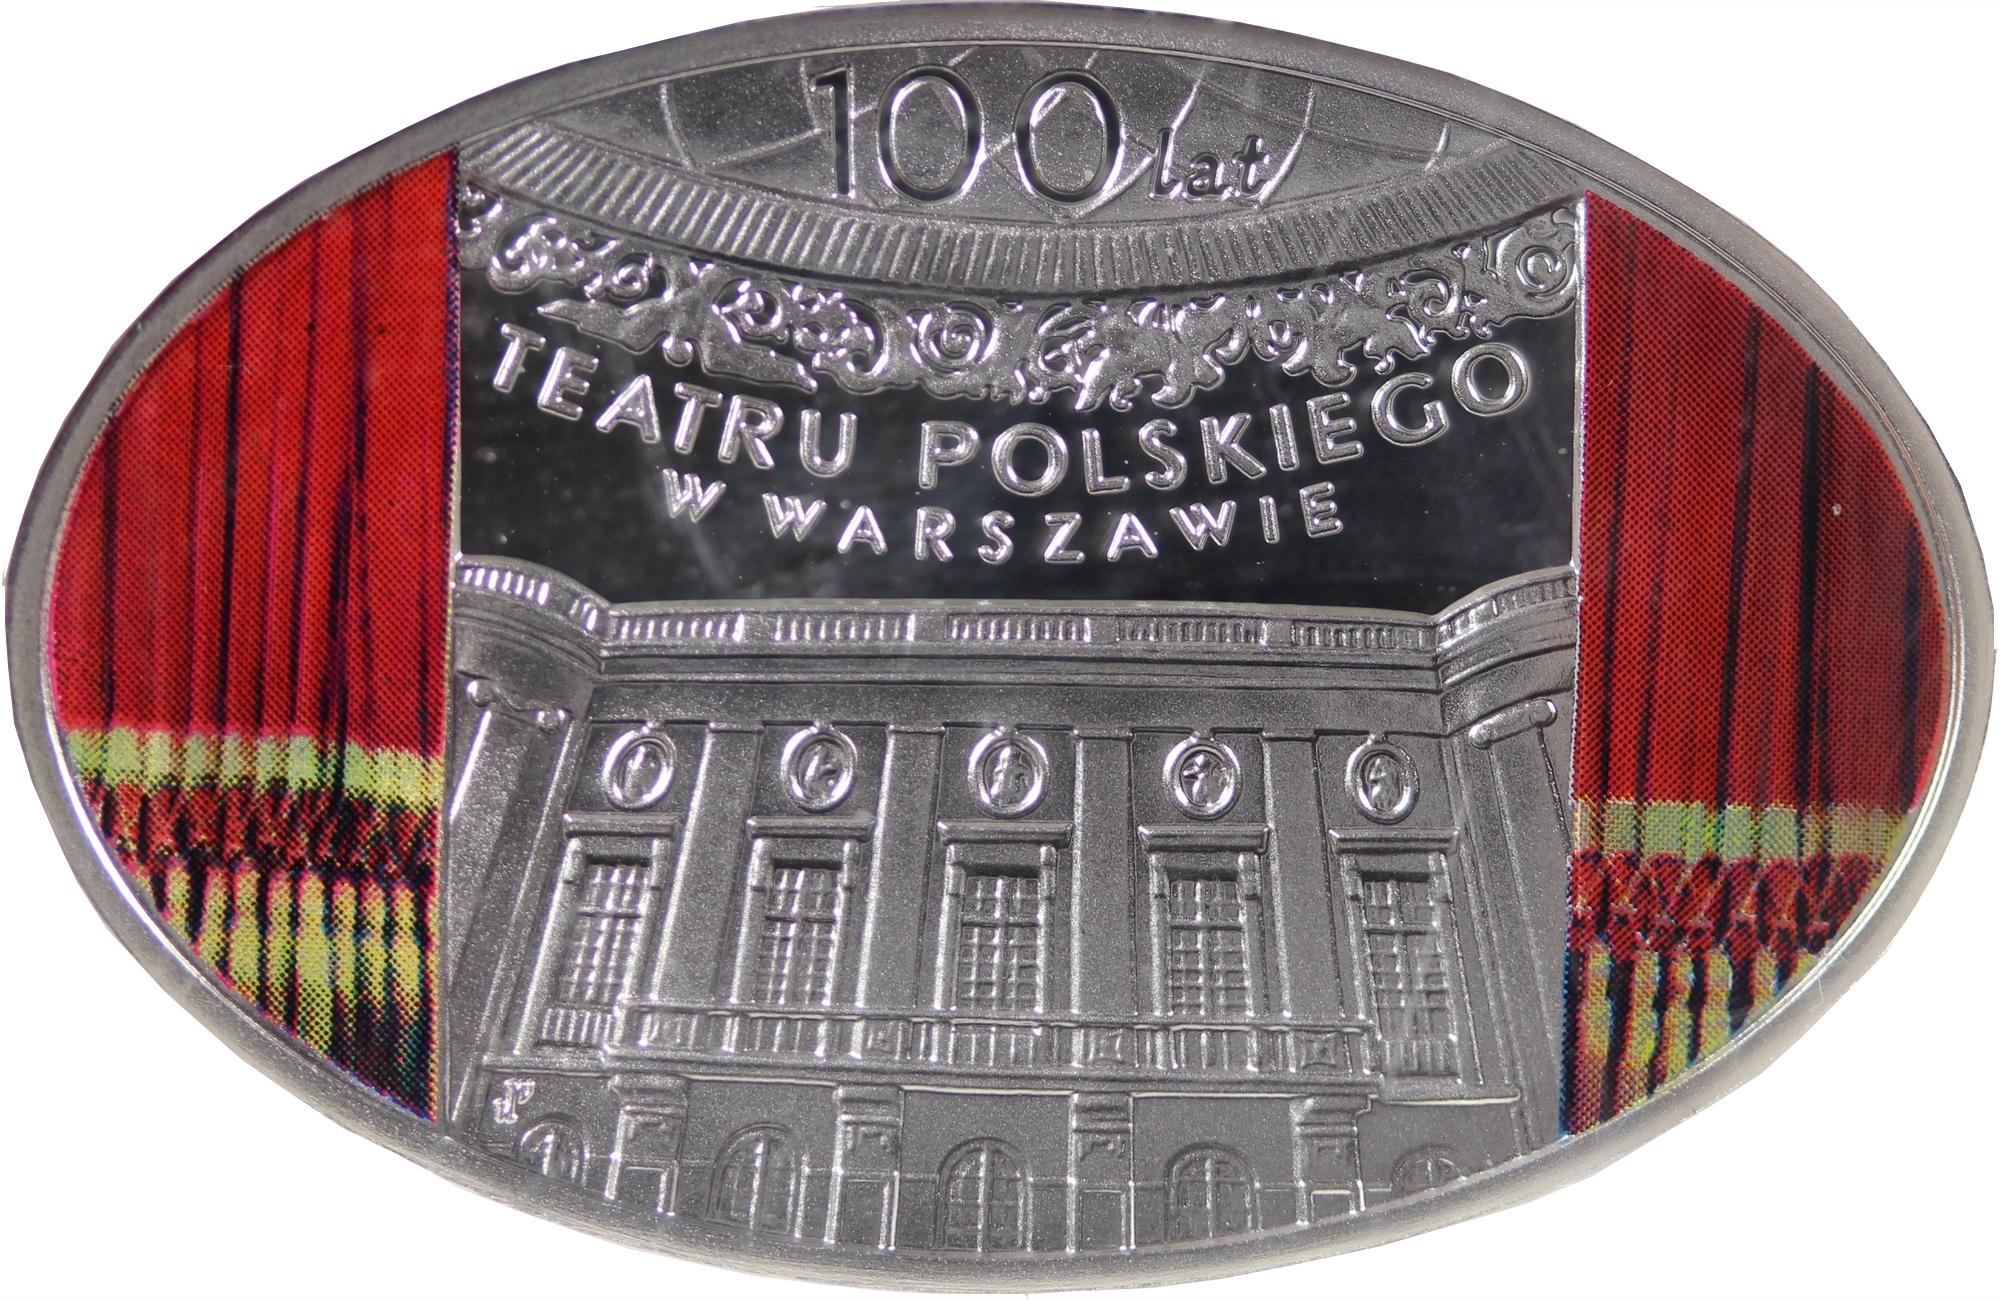 10 złotych 2013 100 lat Teatru Polskiego w Warszawie - rewers